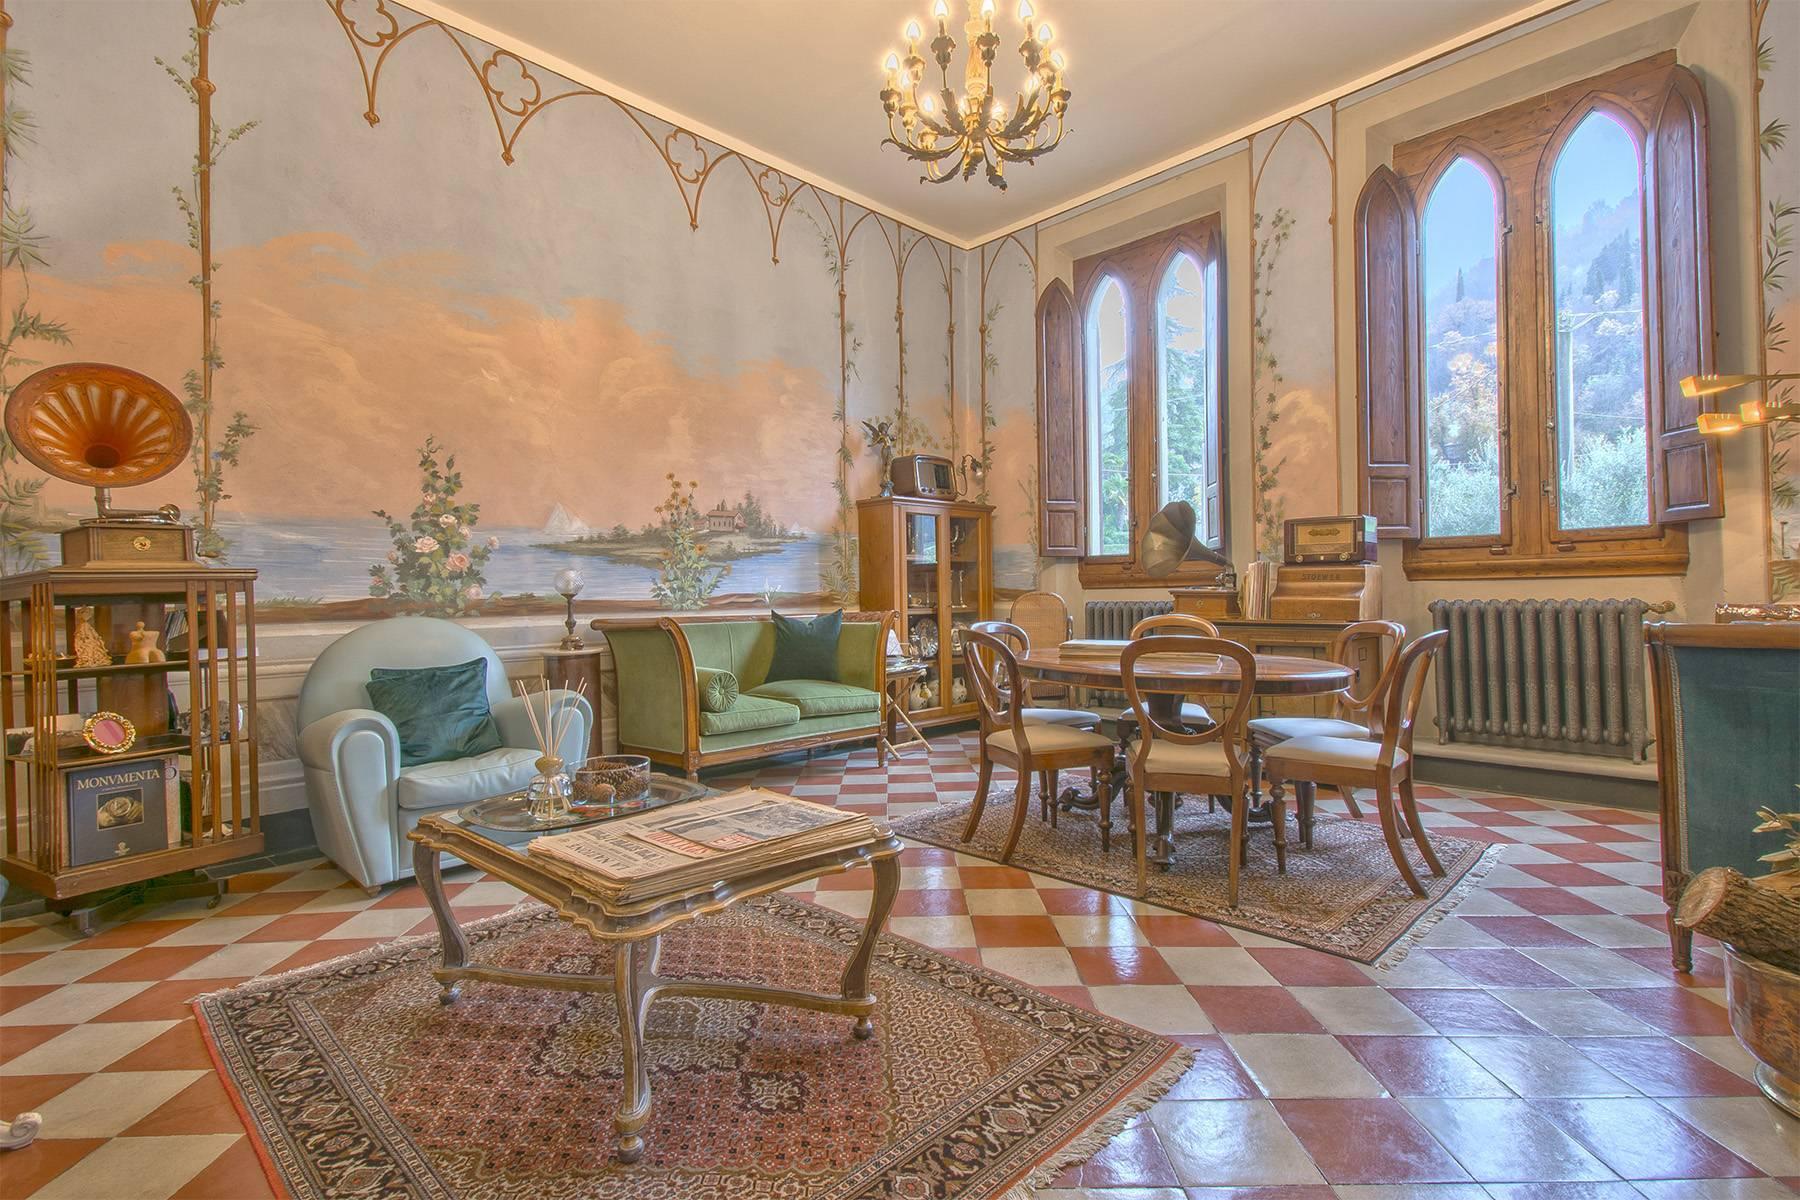 位于古老别墅里的精美公寓 - 1